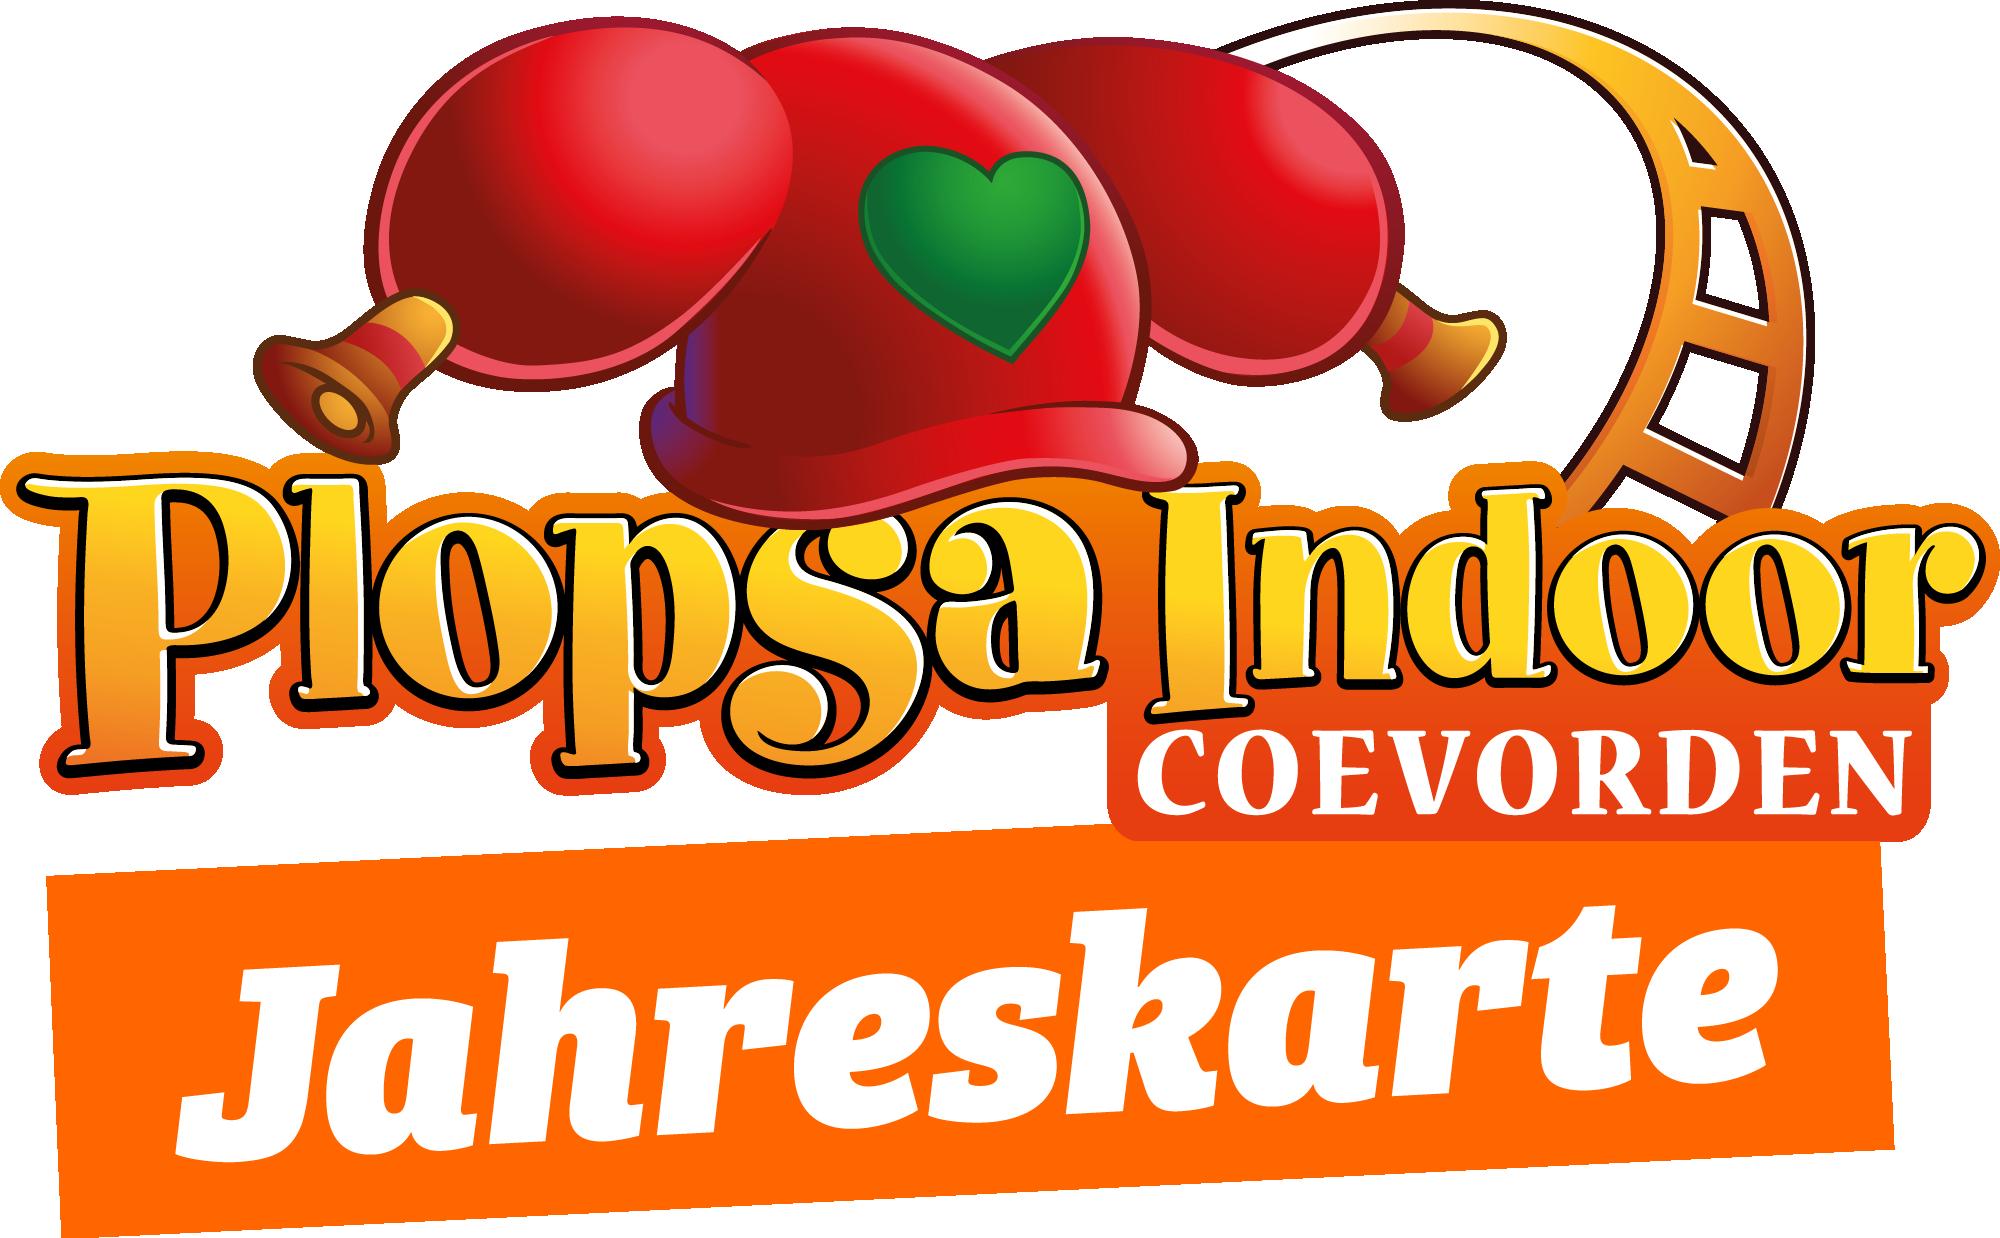 Plopsa Indoor Coevorden-Jahreskarte